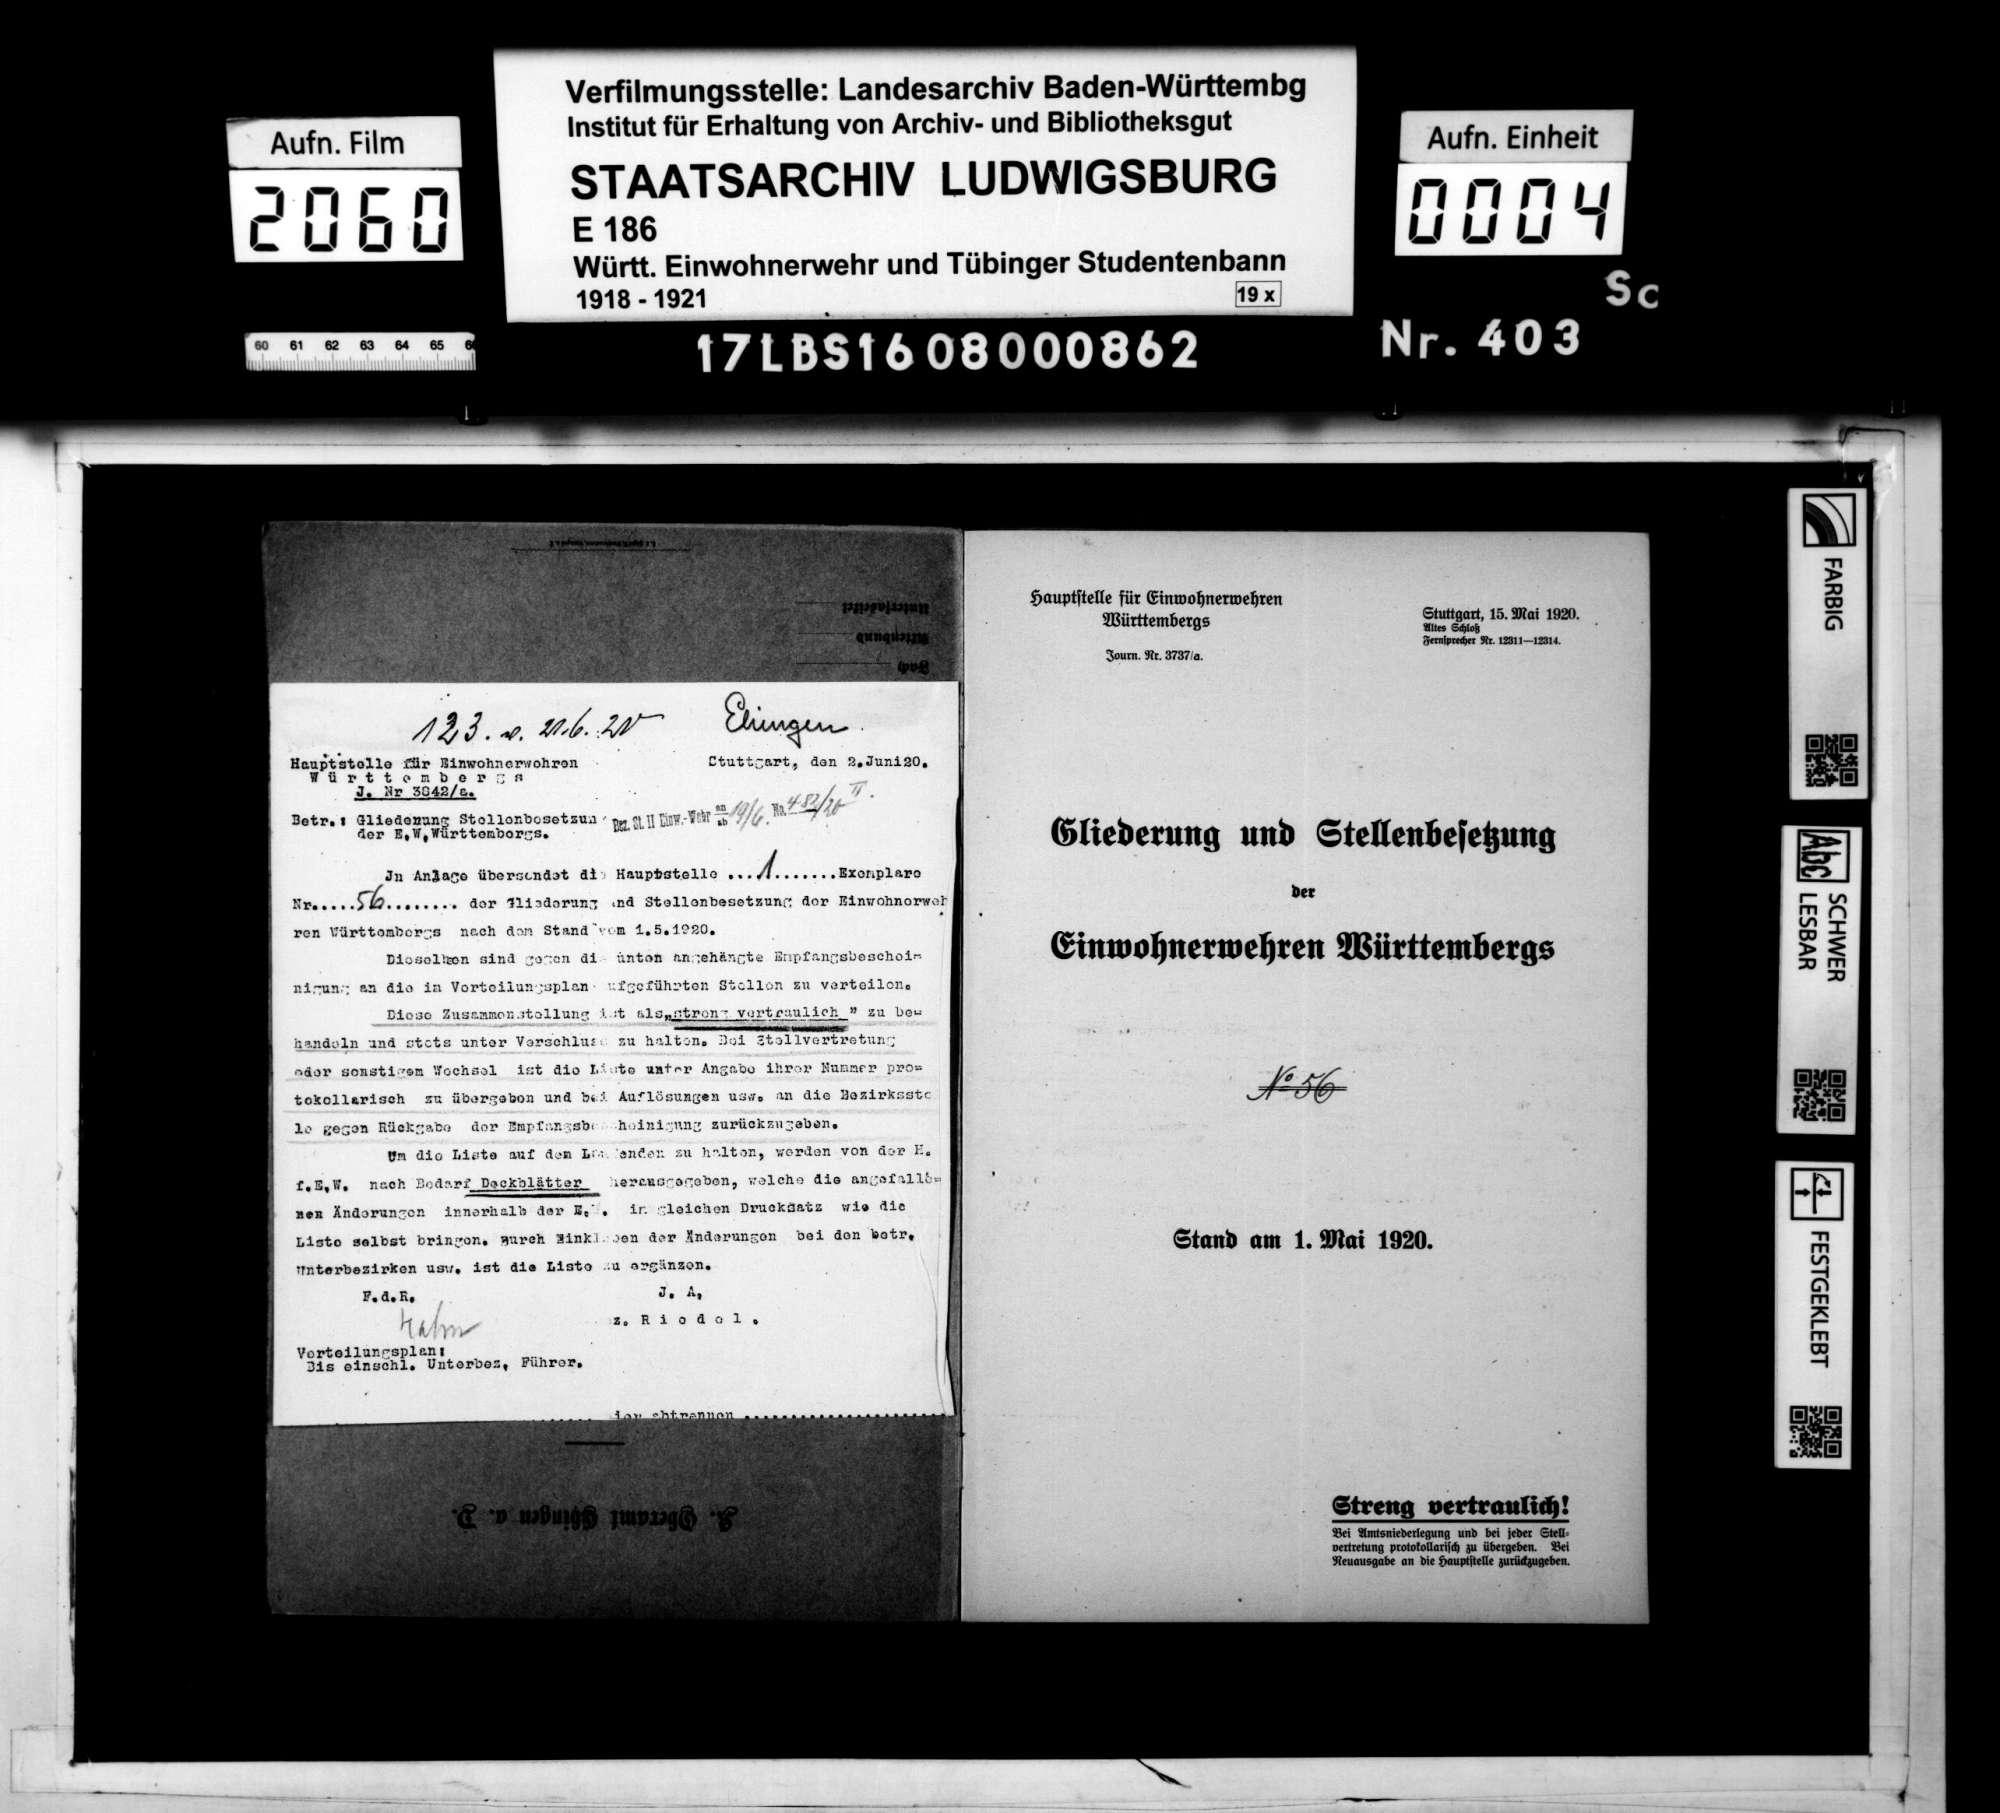 Gliederung und Stellenbesetzung der Einwoherwehren Württembergs, Stand 1. Mai 1920, Bild 2